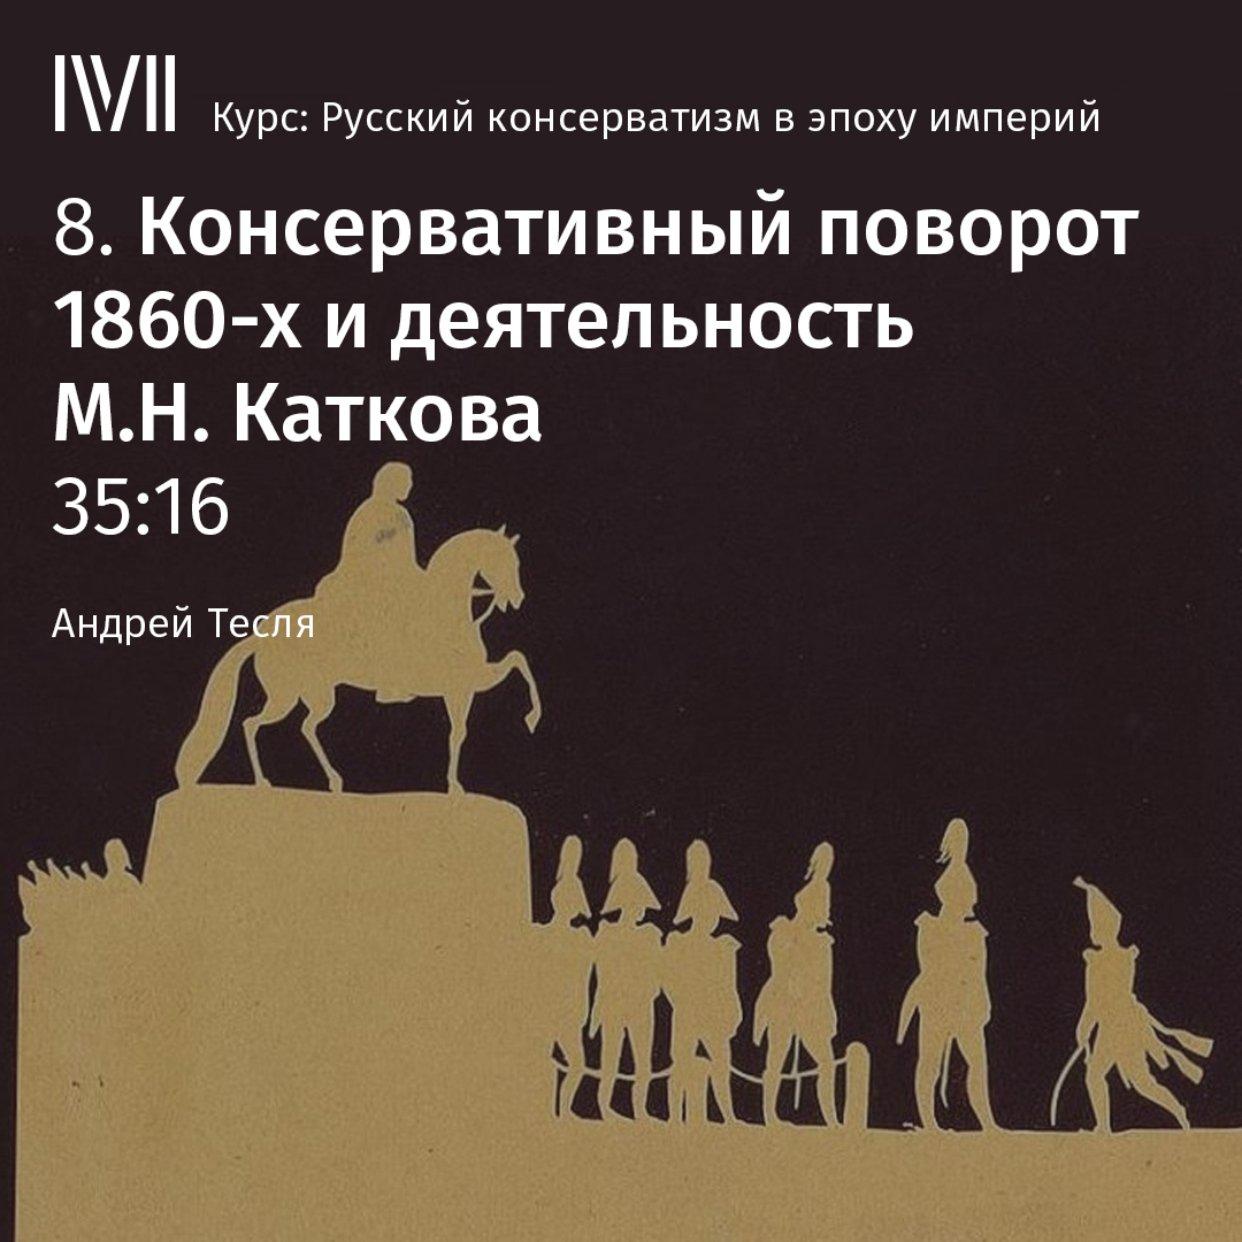 Консервативный поворот 1860-х и деятельность М.Н. Каткова